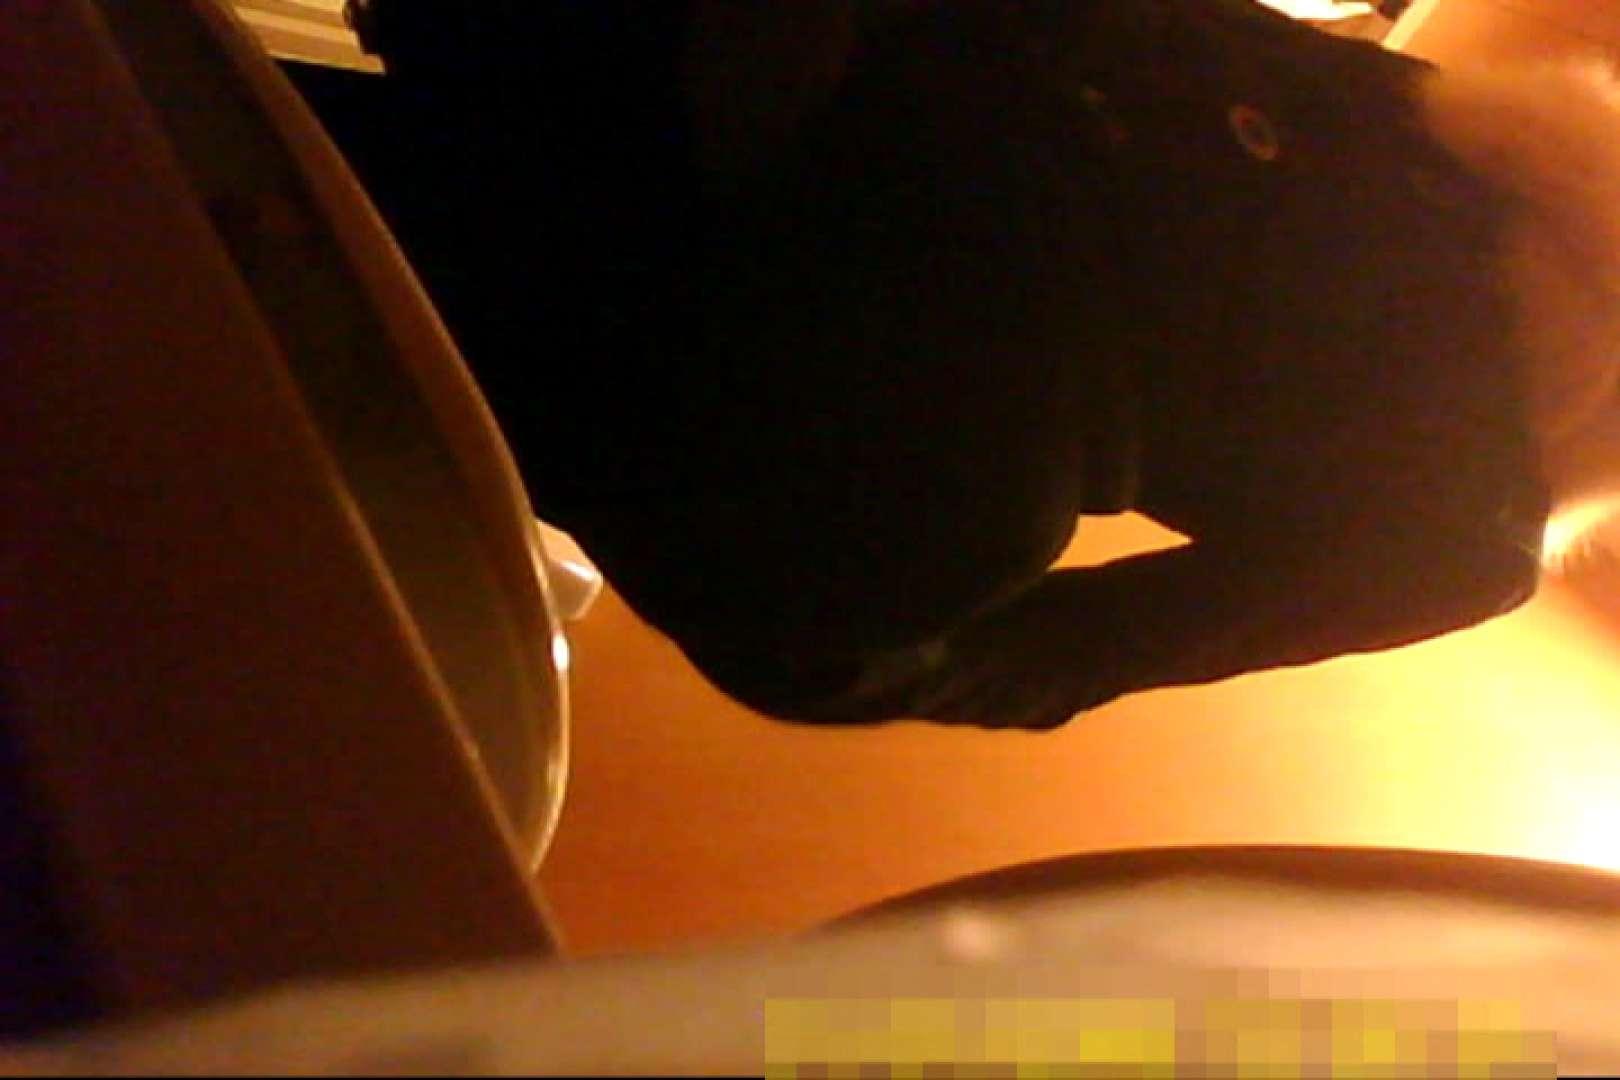 魅惑の化粧室~禁断のプライベート空間~vol.7 プライベート   独身エッチOL  89pic 29